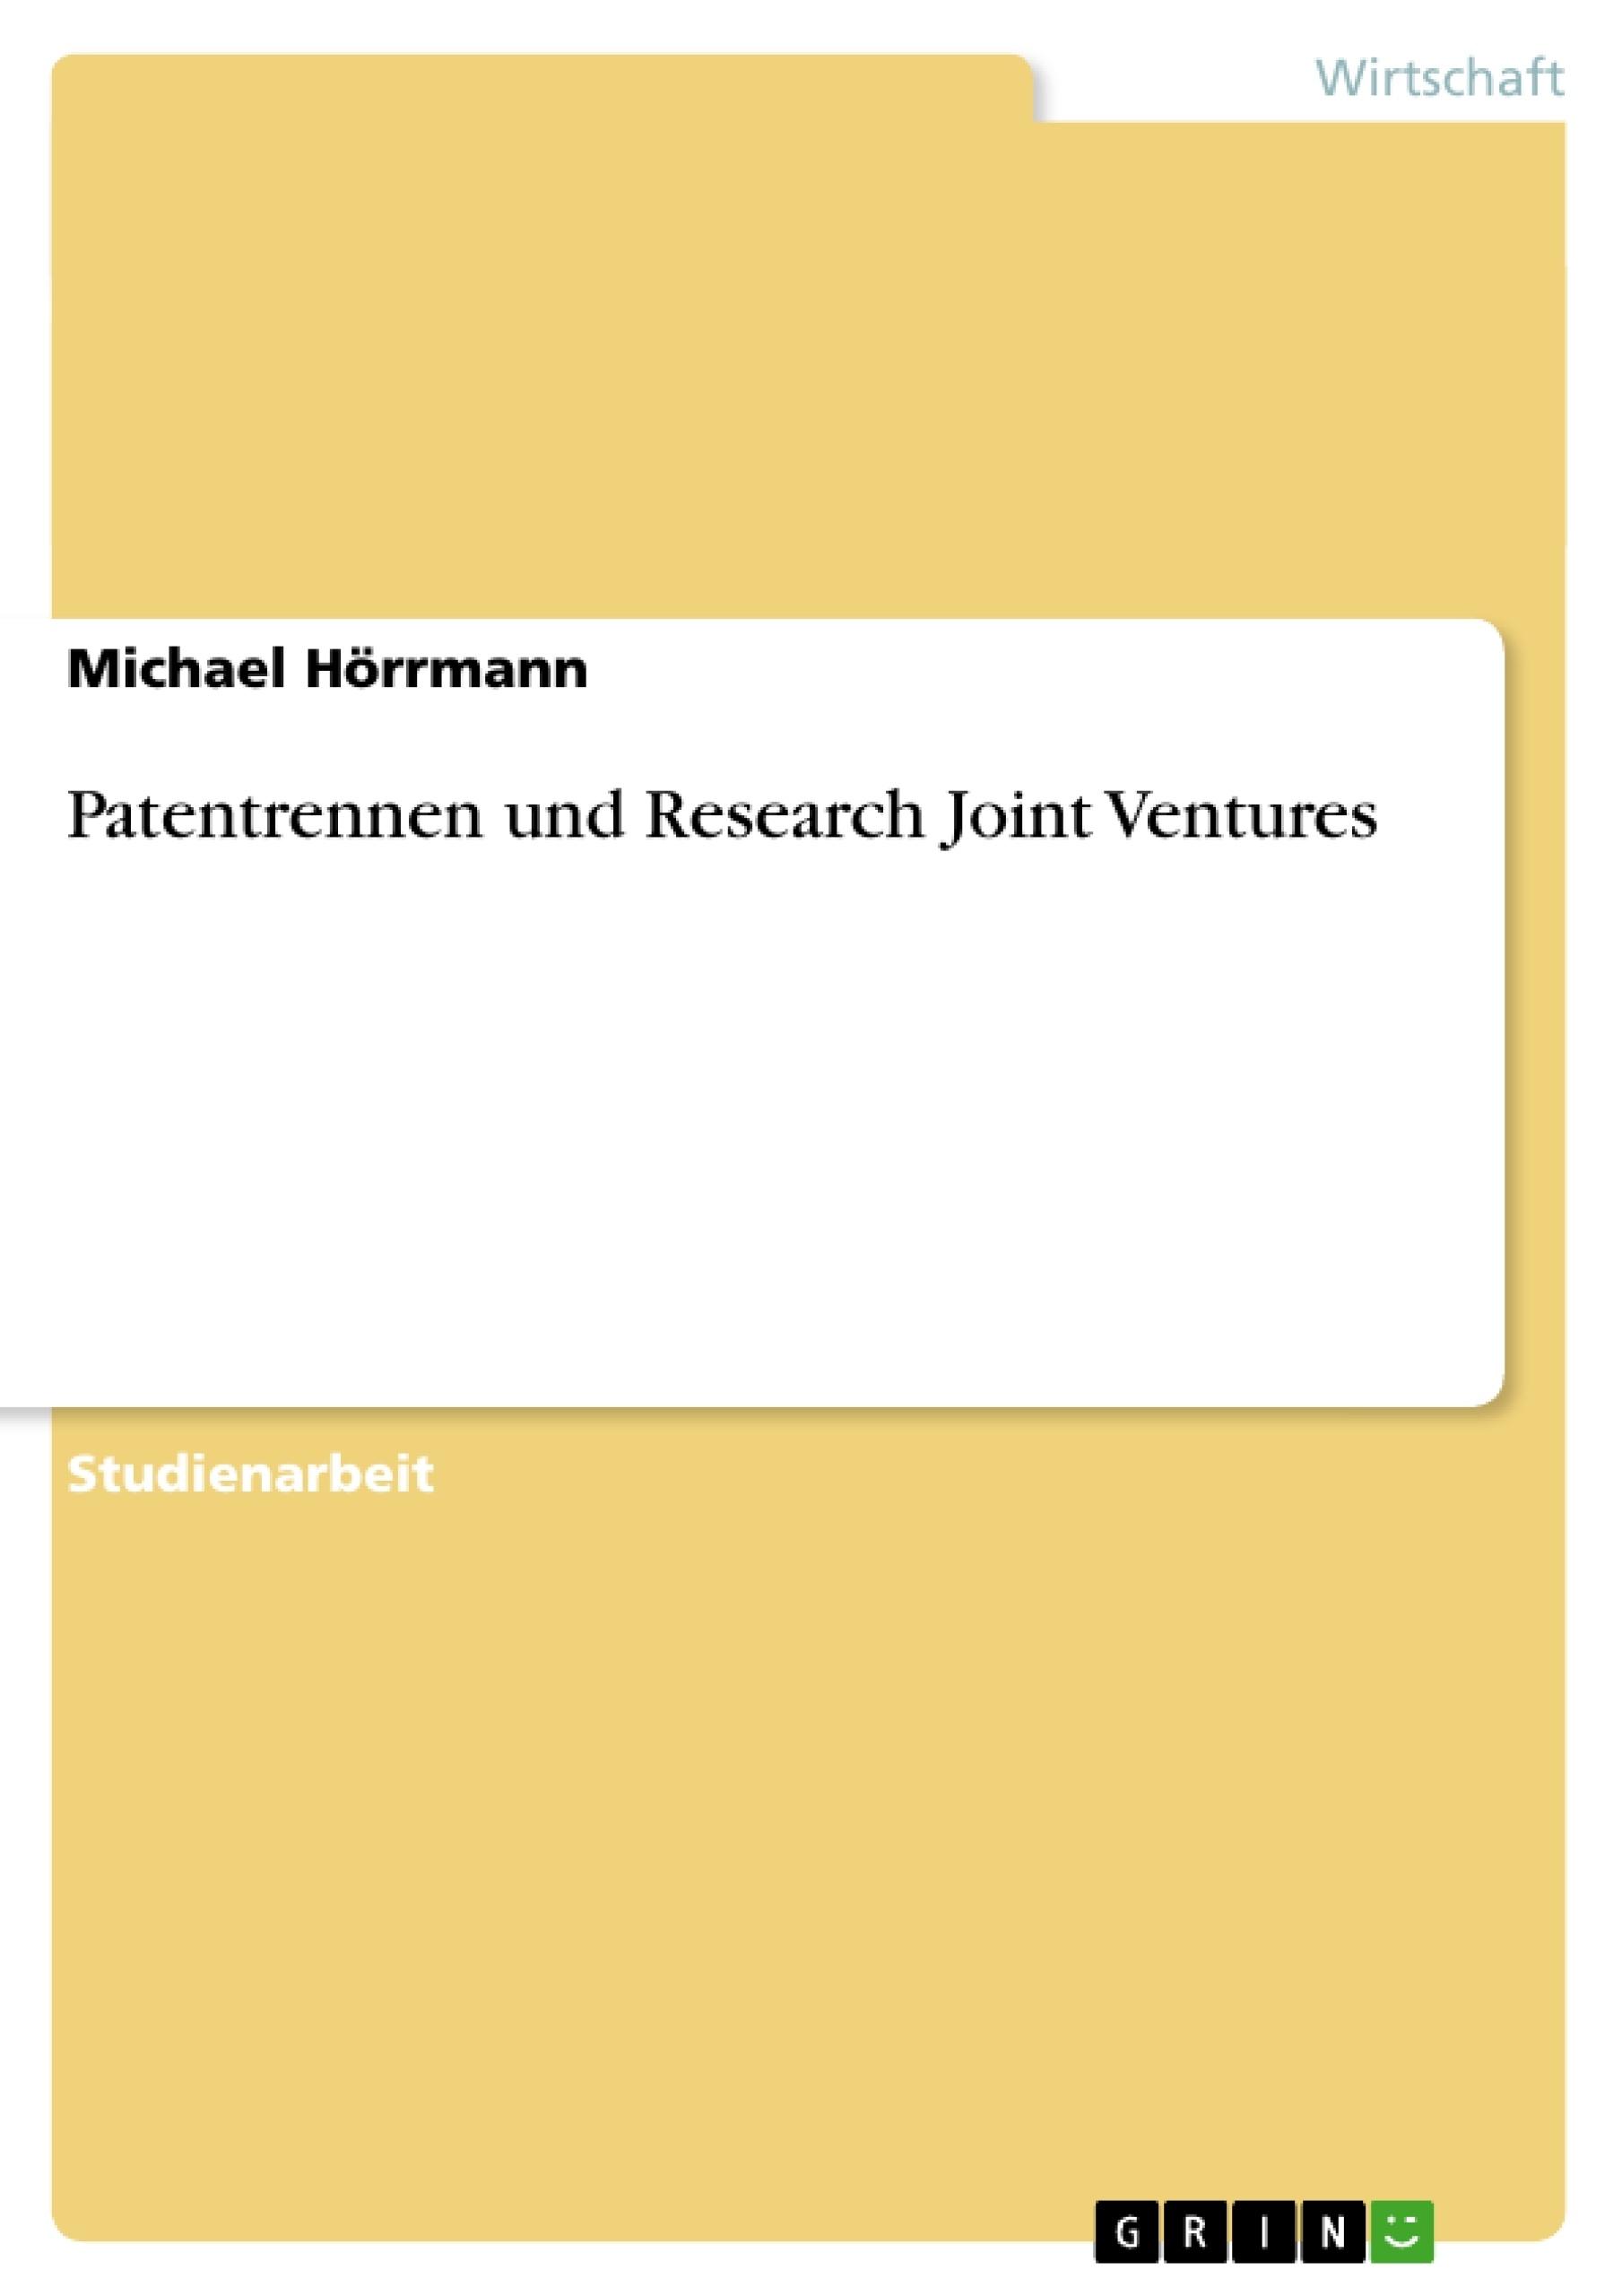 Titel: Patentrennen und Research Joint Ventures